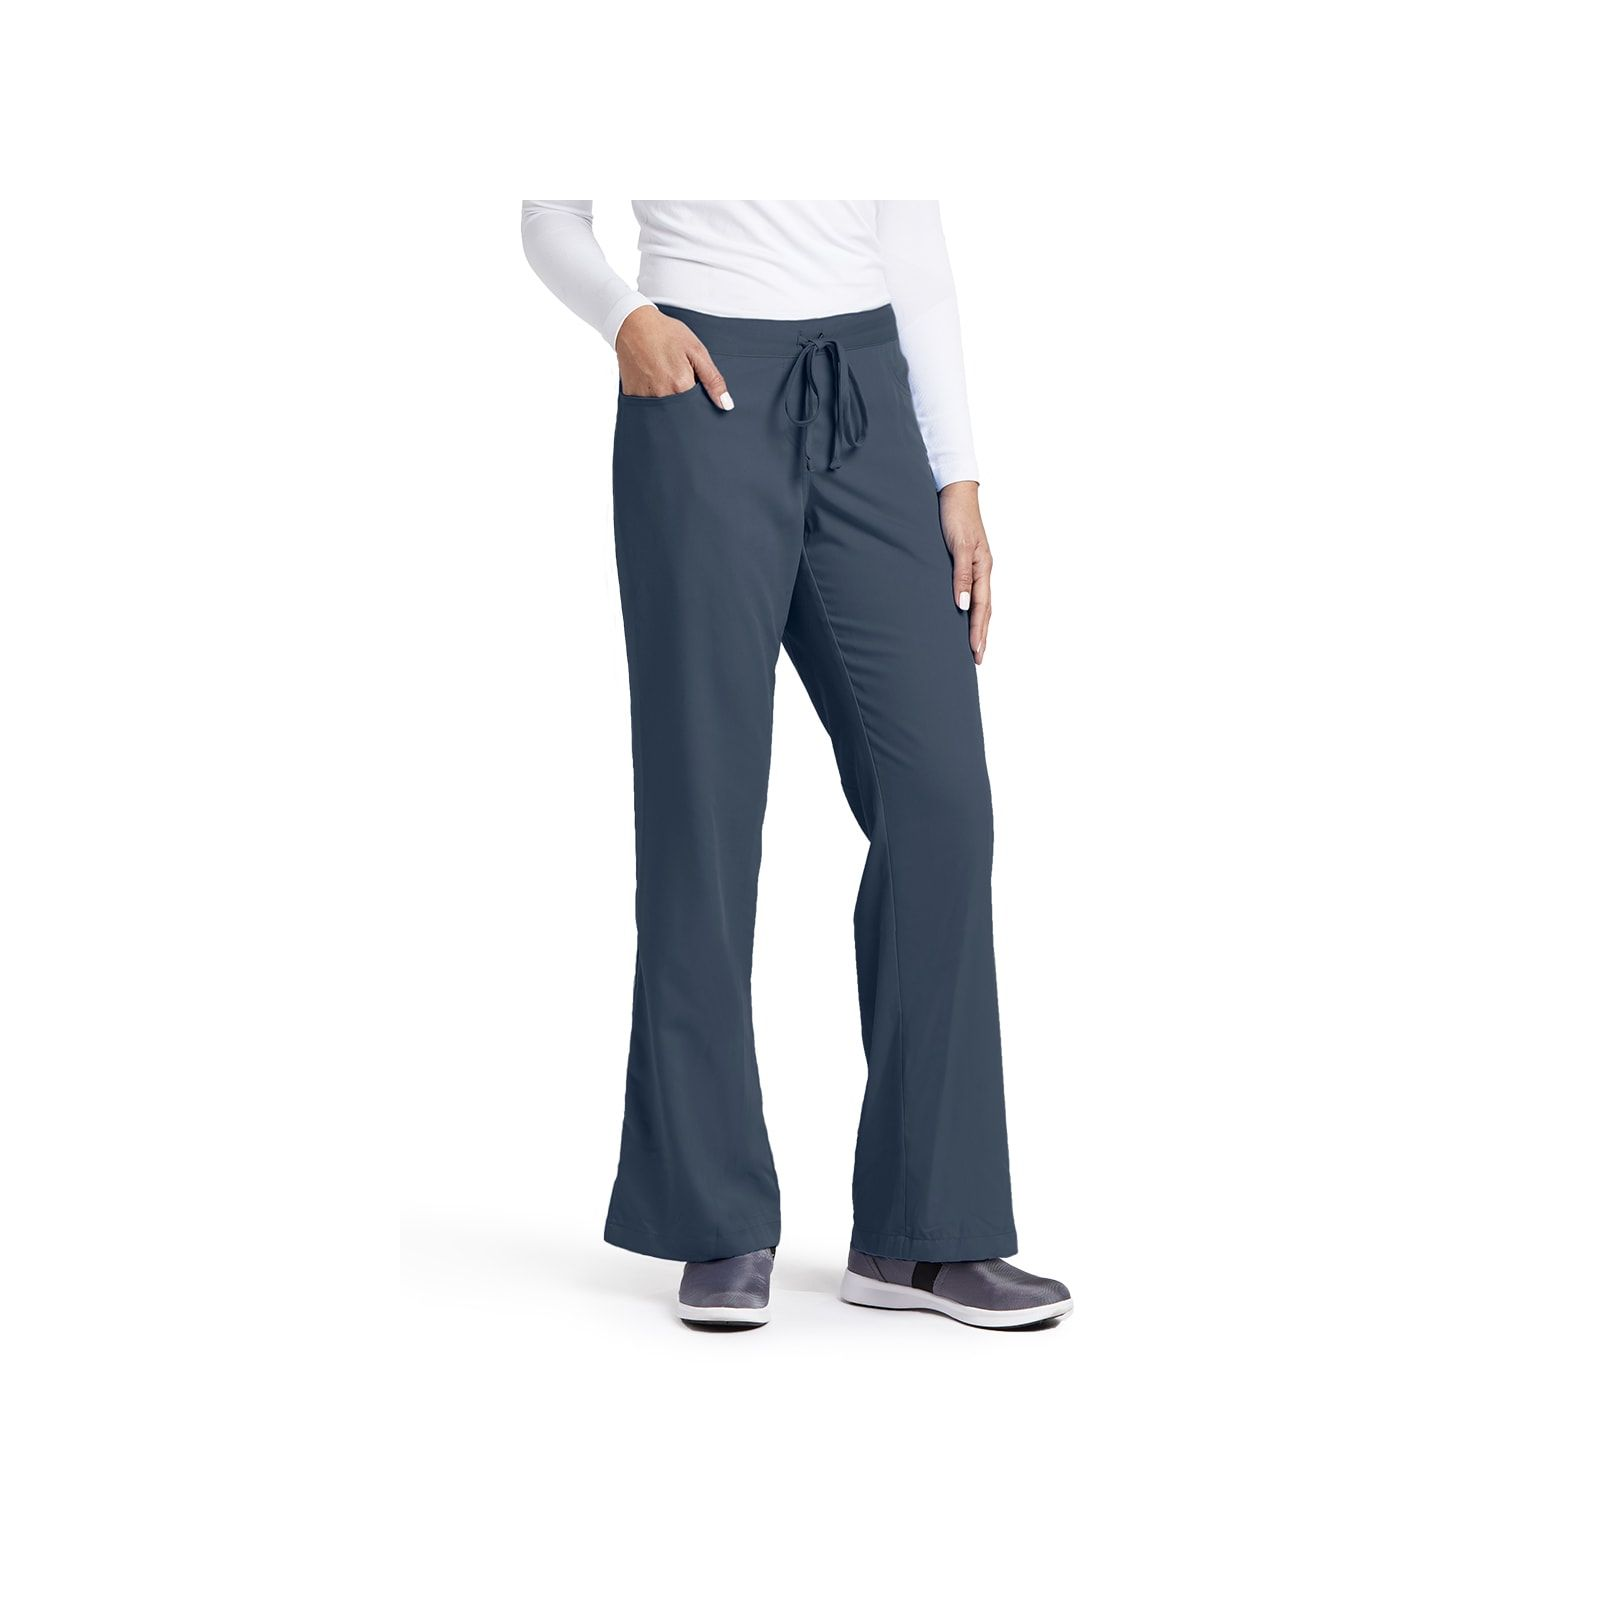 """Pantalon cordon et élastique, couleur gris anthracite vue de face, Barco, collection """"Grey's Anatomy"""" (4232)"""